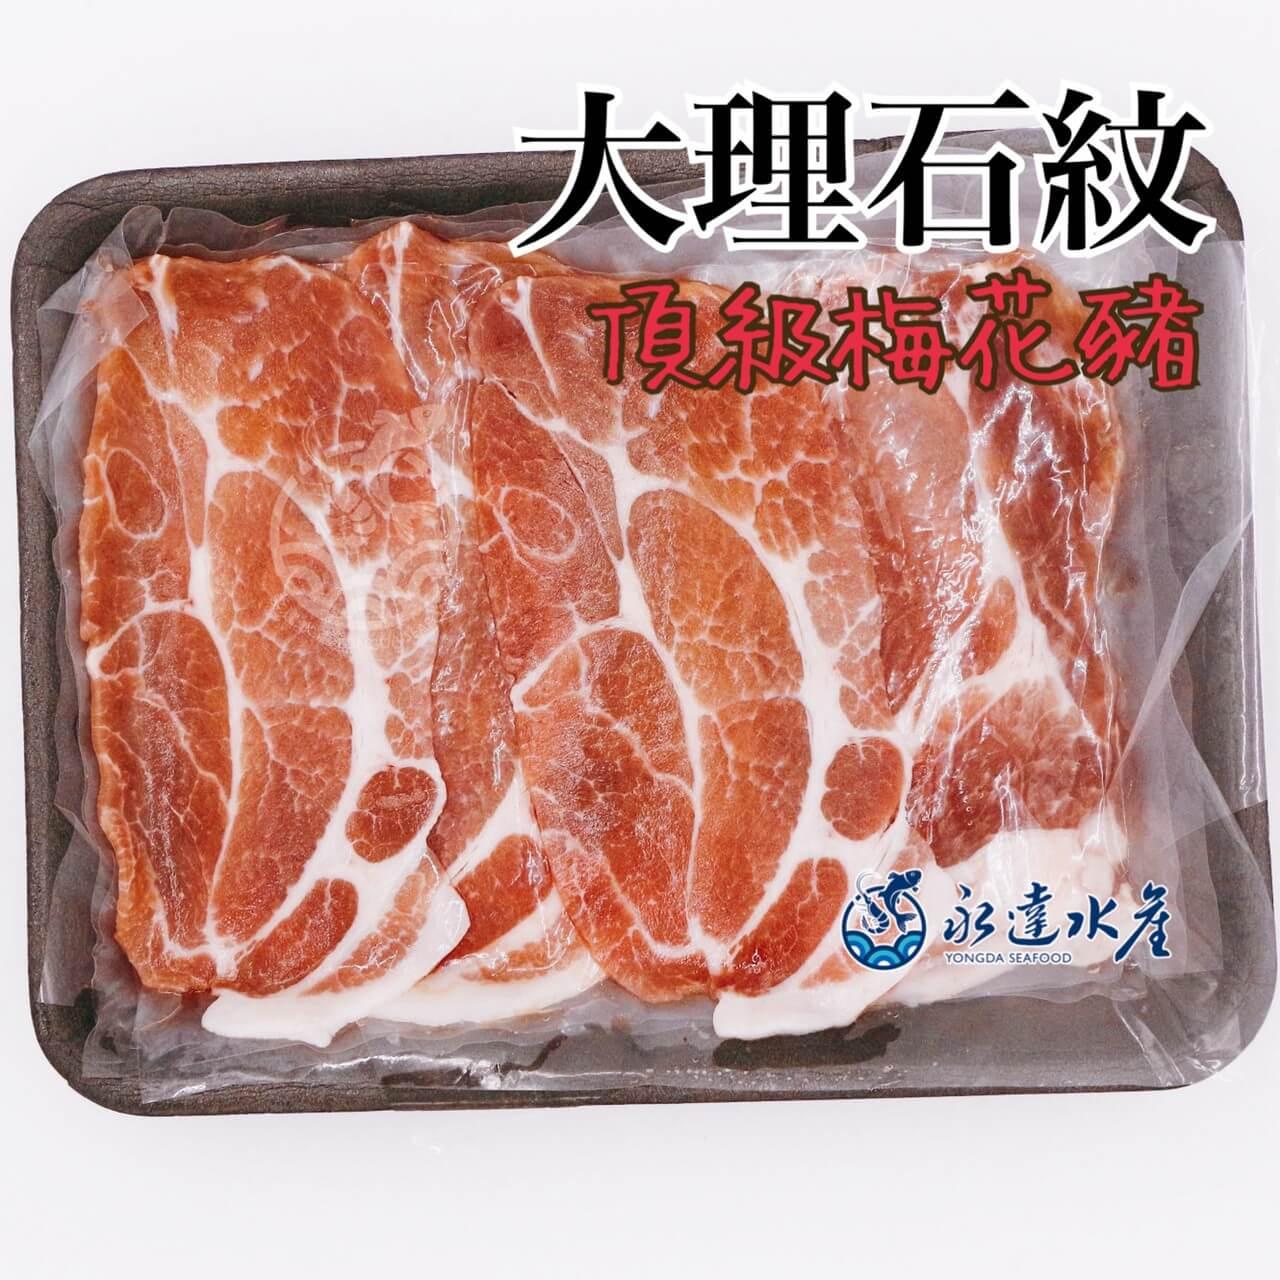 肉品 美國旨味豬肉片 旨味豬肉片 豬肉片 豬肉